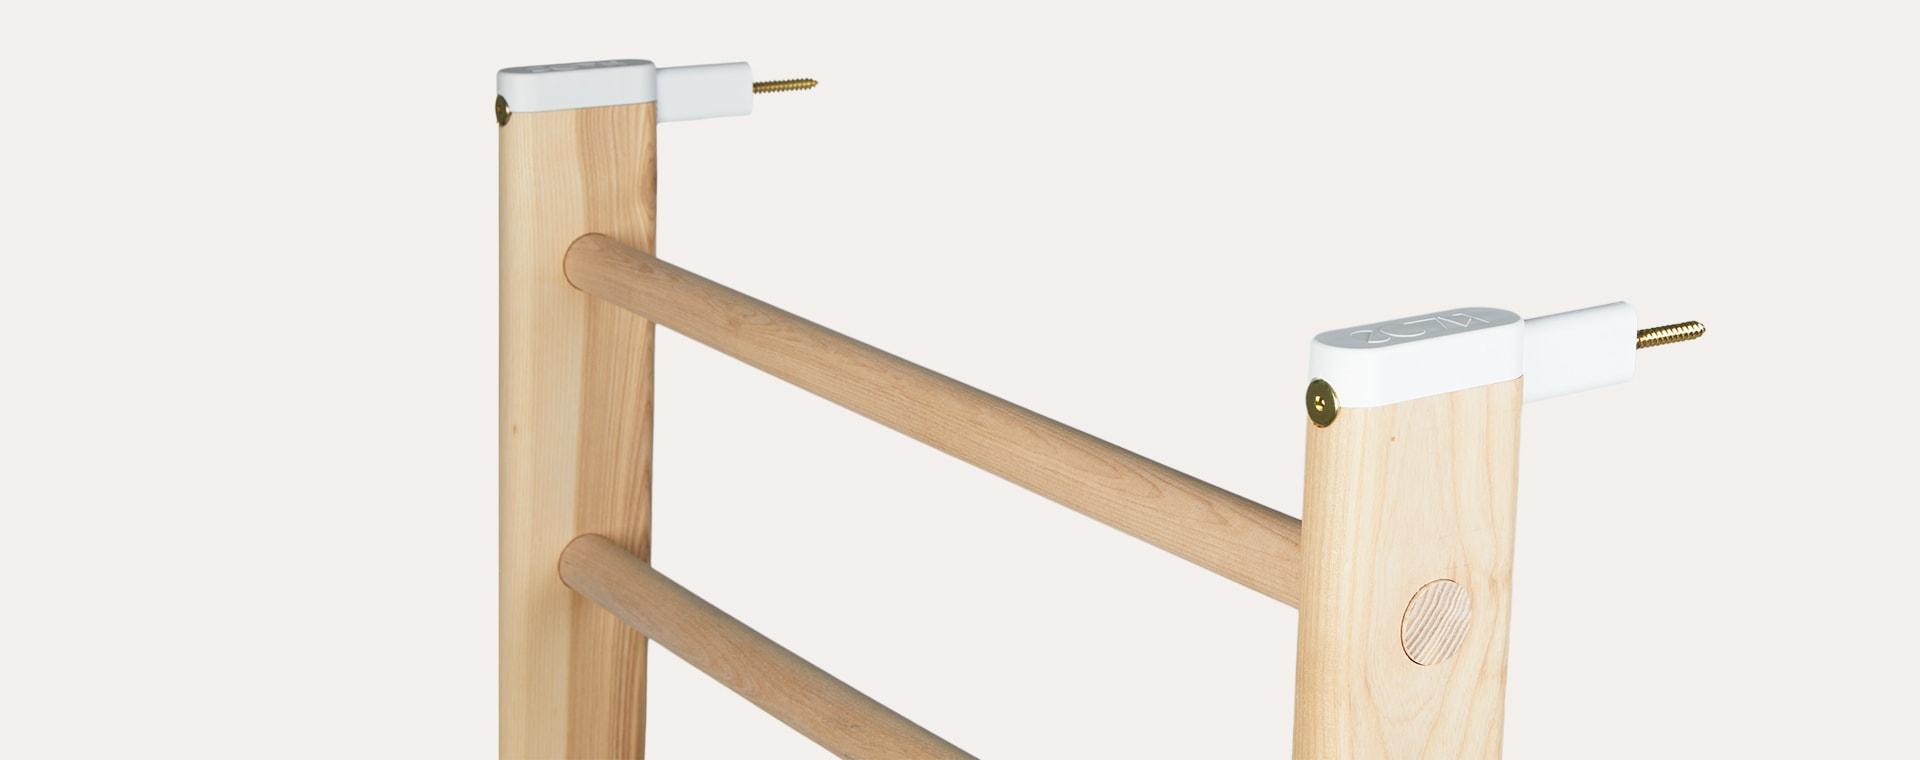 Ash KAOS Endeløs Setup 3 Wall Bars